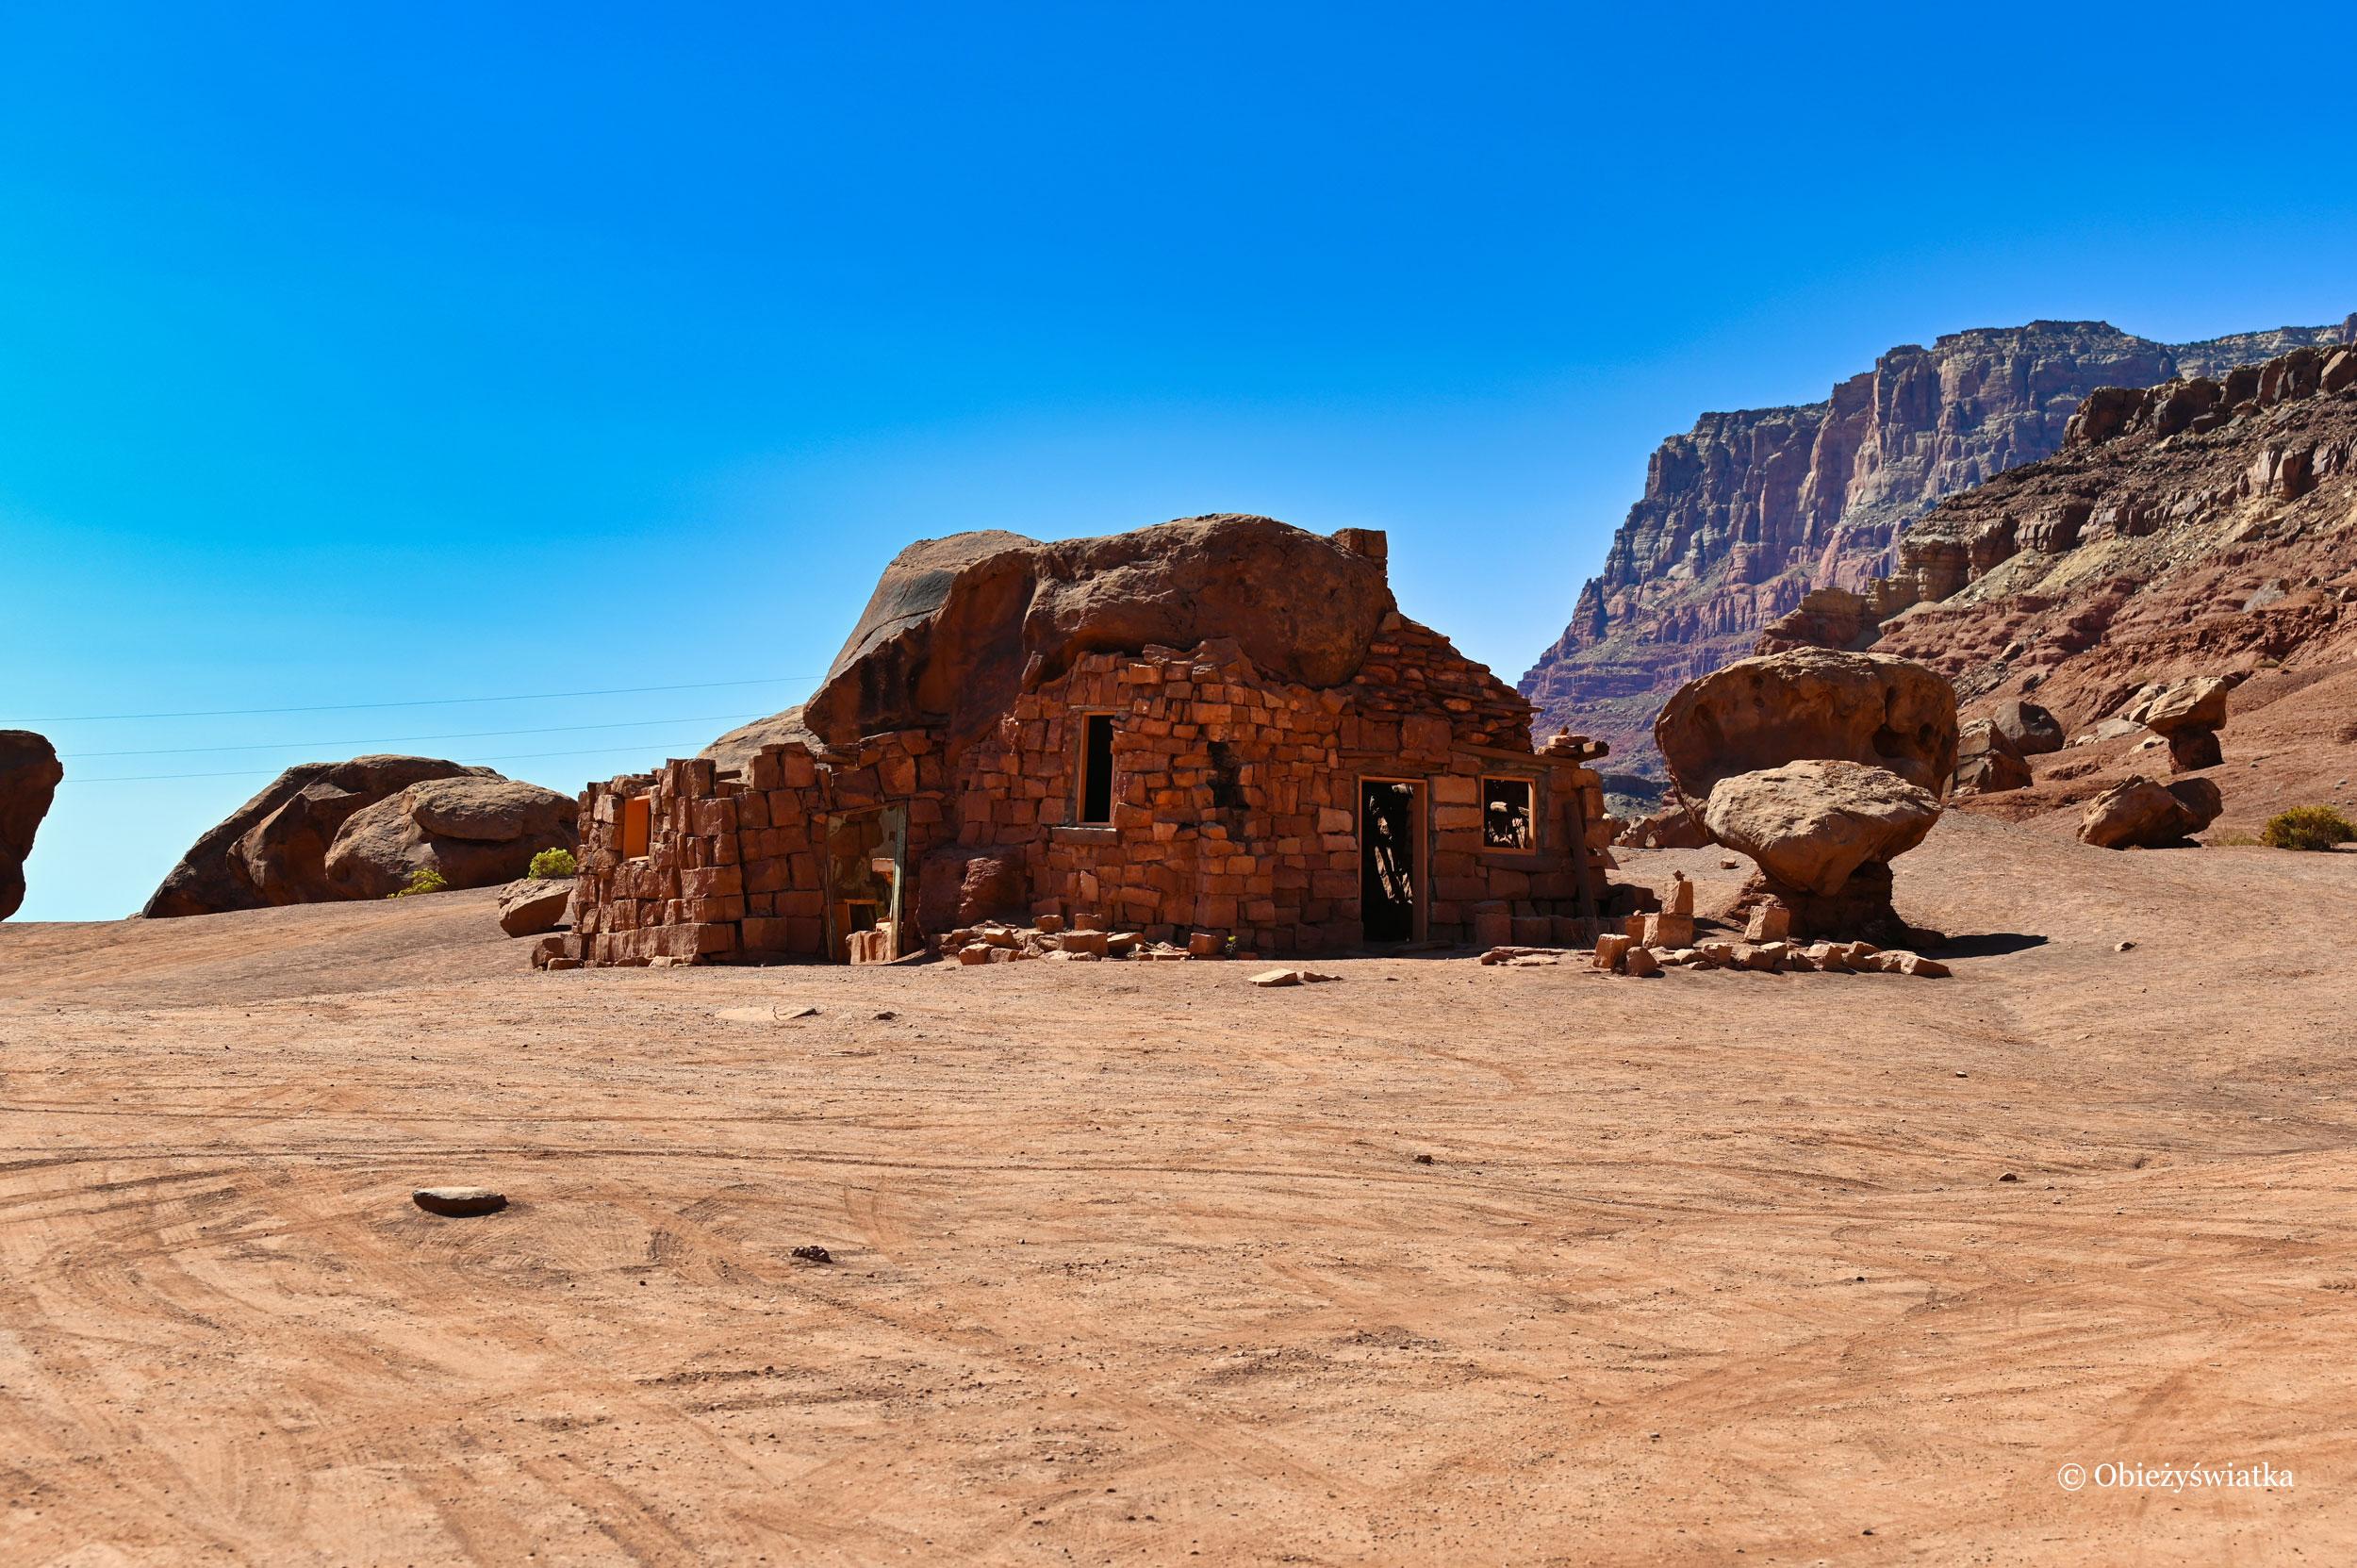 Tuż przy drodze - Cliff Dwellers Stone House, Arizona